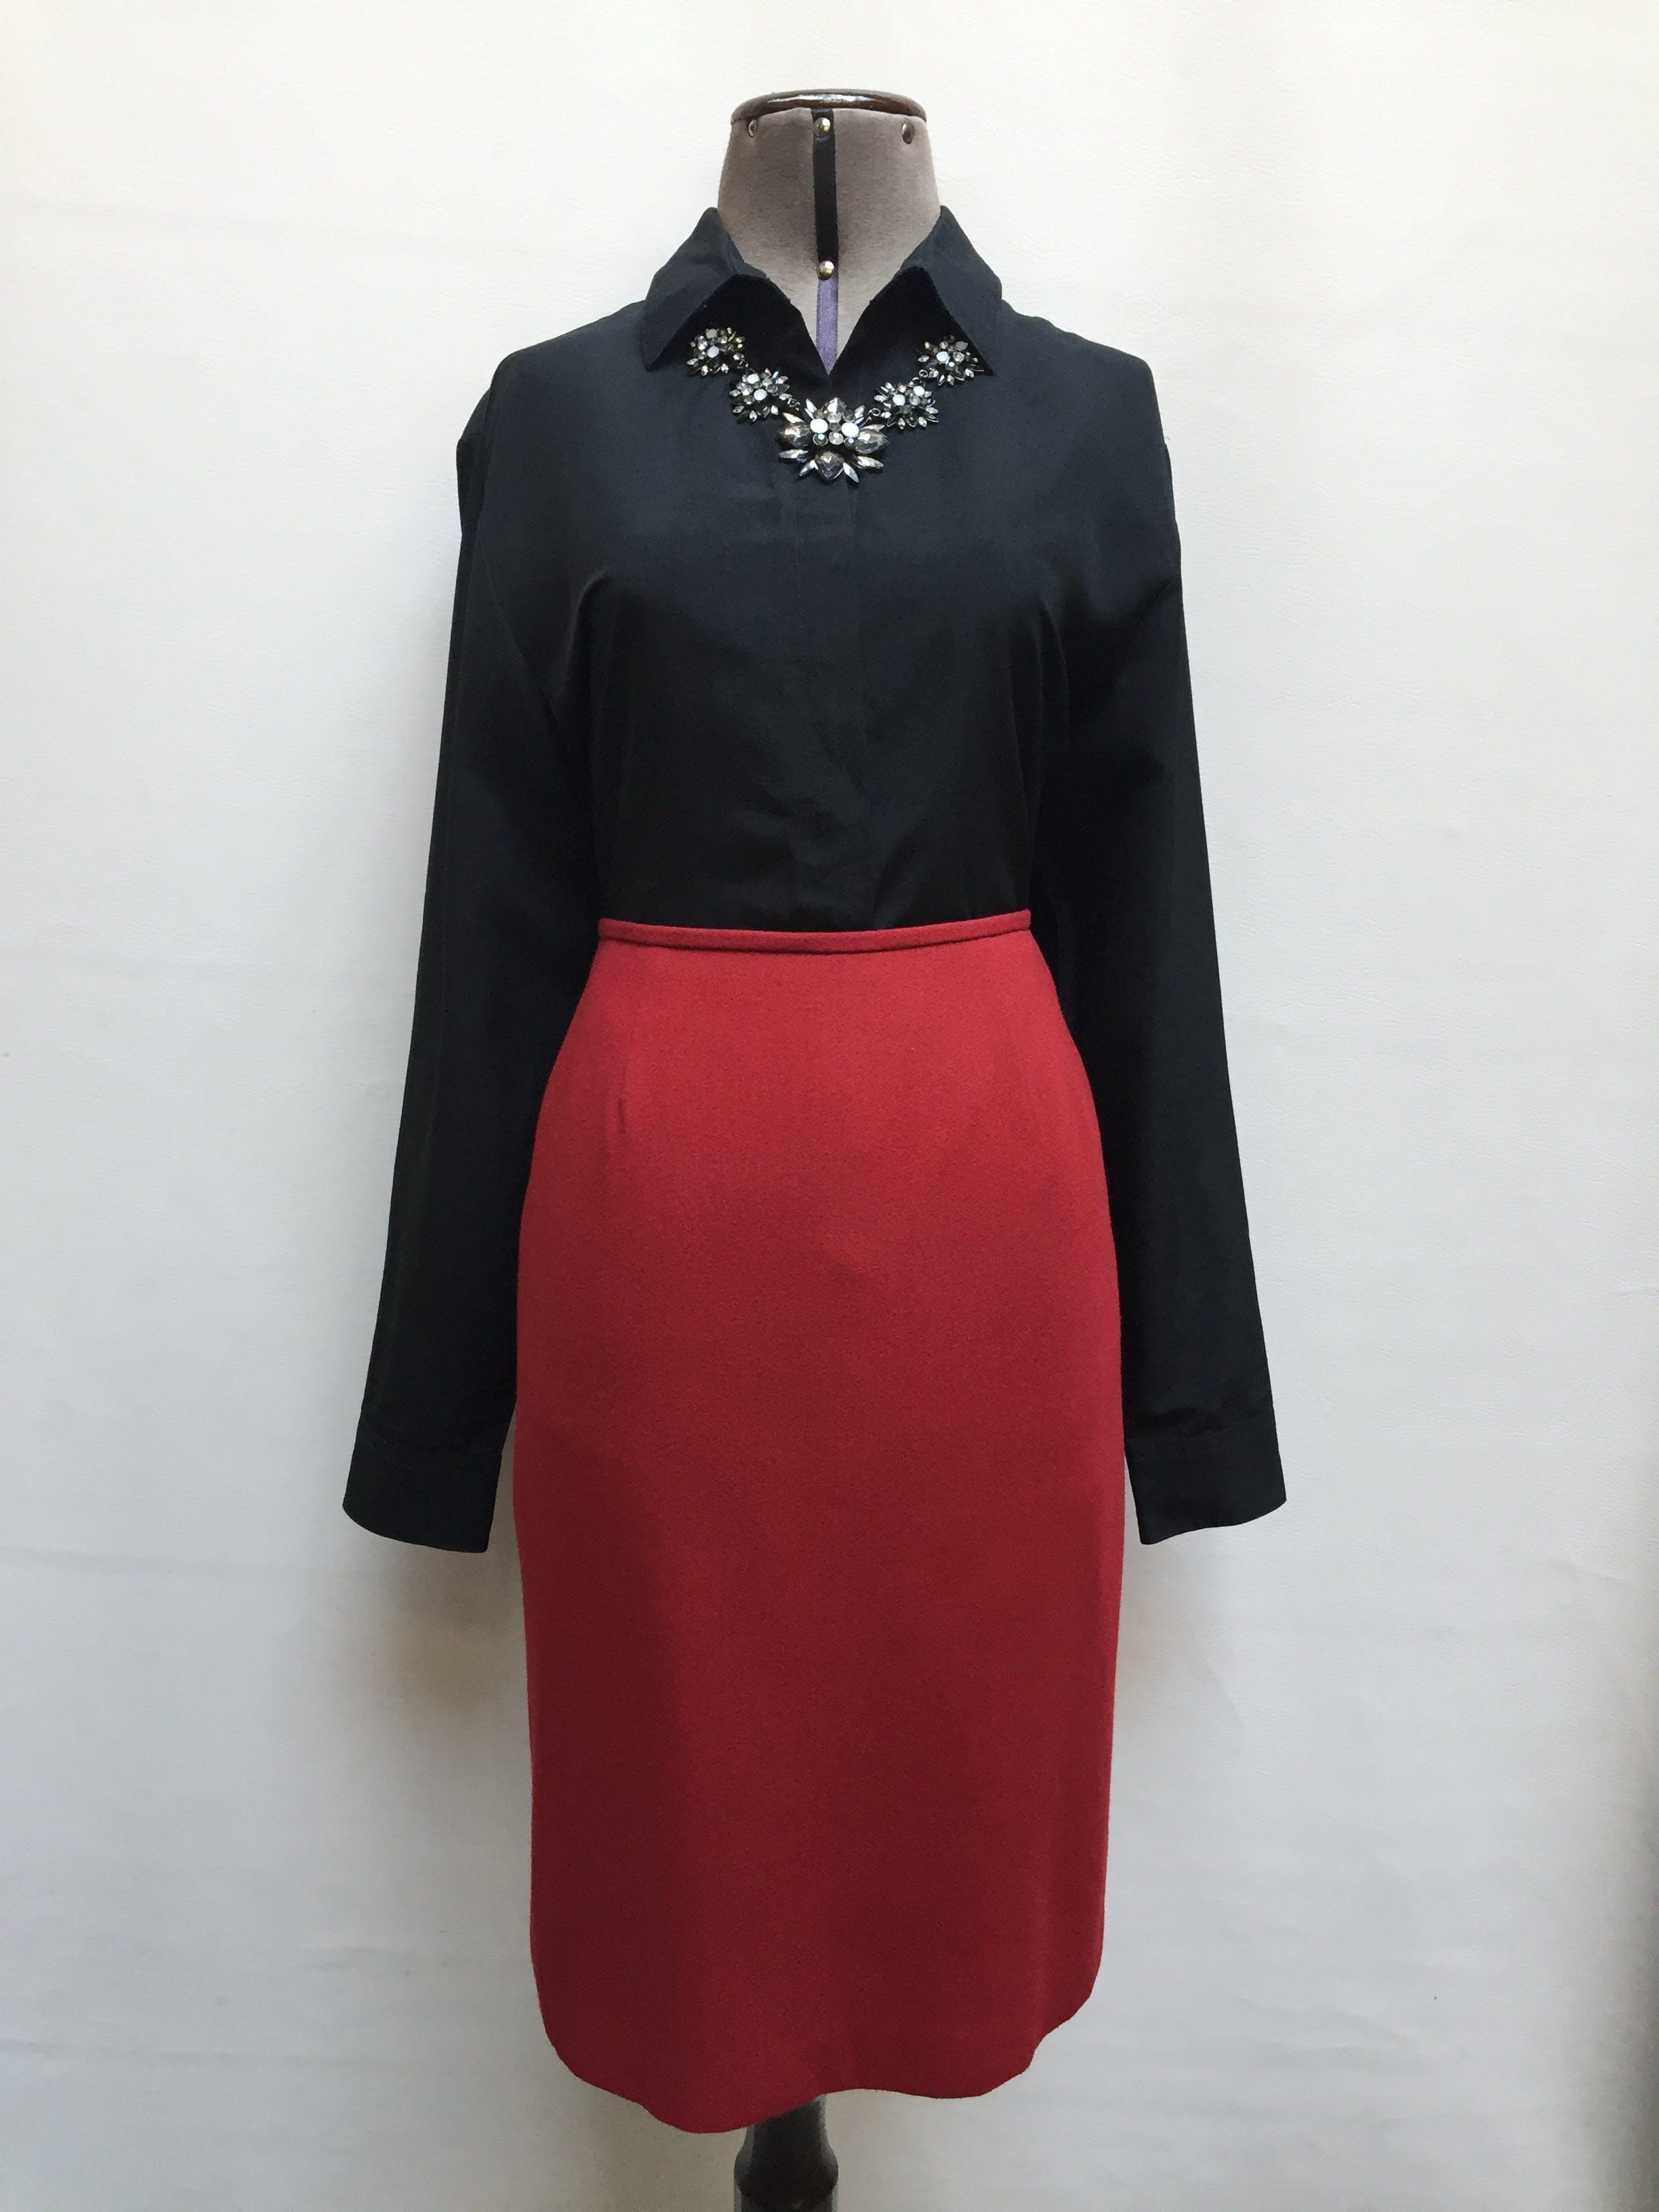 Falda Kasper a la rodilla, tela tipo sastre guinda, con cierre posterior y forro. Lindo color! Precio original USD45 Talla M (cintura 76cm)